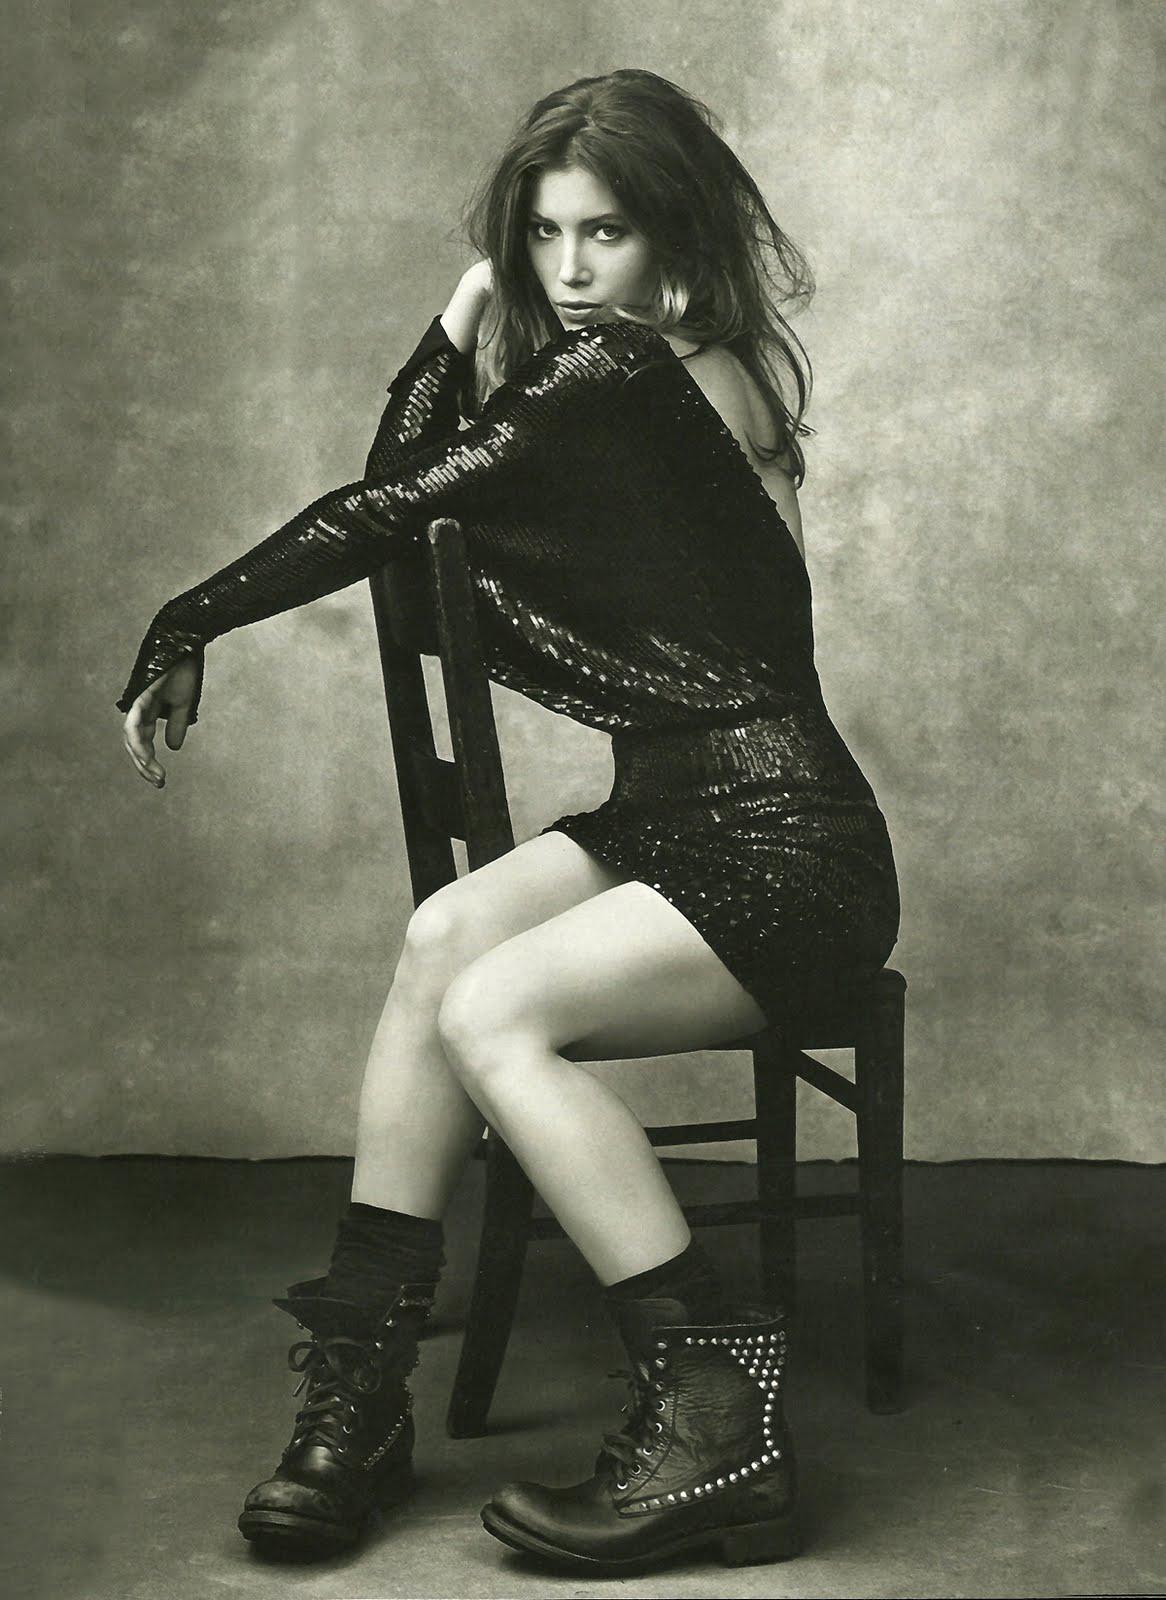 http://3.bp.blogspot.com/_LmbmEVwGjUQ/TEA-etb2xDI/AAAAAAAABZk/5mDgMWa1G9U/s1600/jessica-biel-glamour-uk-02.jpg